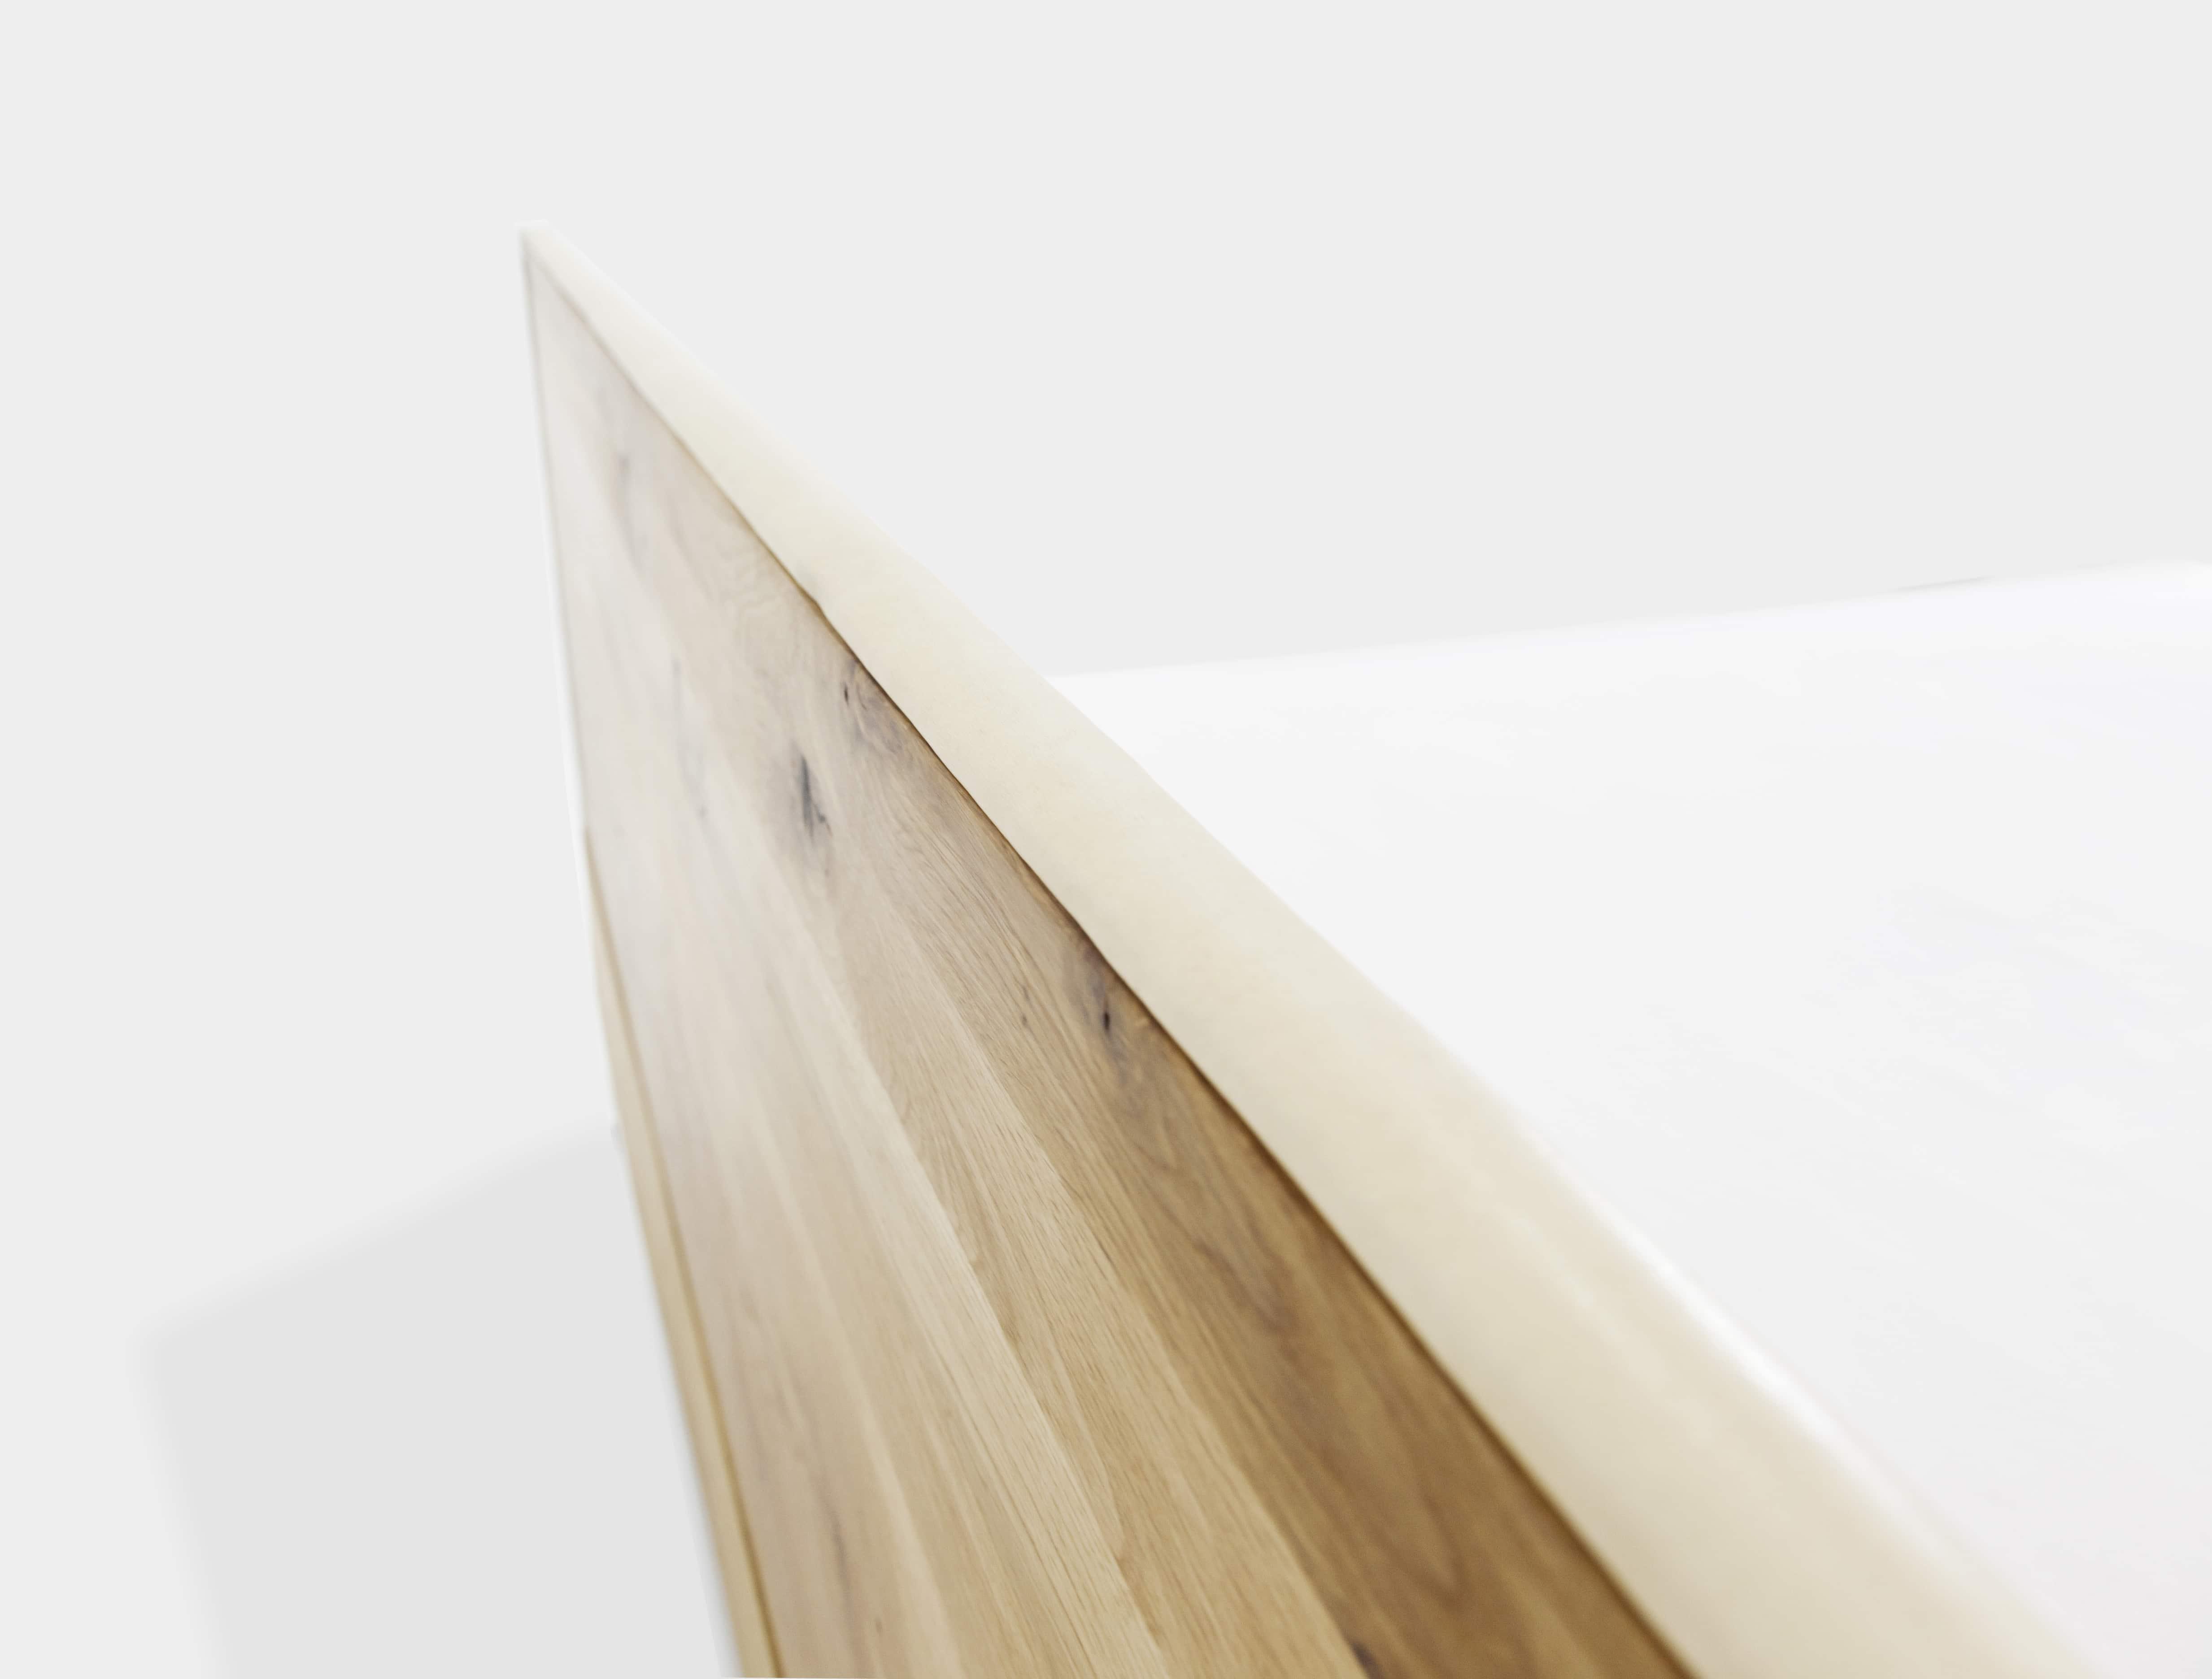 nature leather oak bed leder stahl eiche n51e12 design manufacture. Black Bedroom Furniture Sets. Home Design Ideas